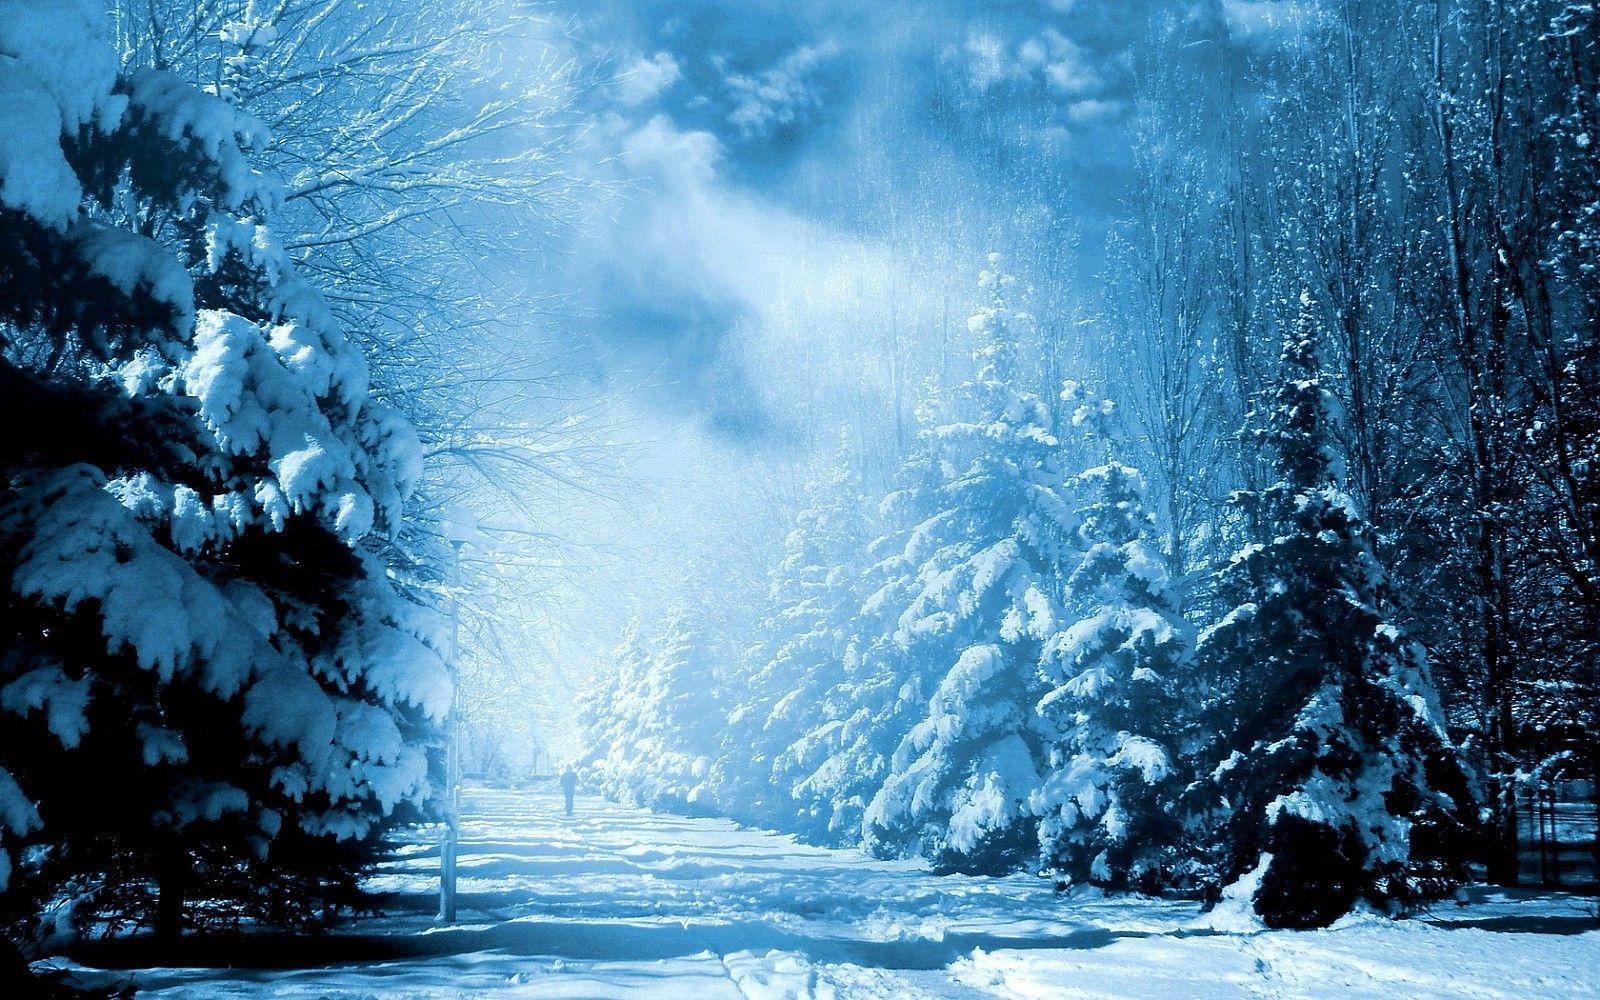 snow fantasy | Fantasy HD Pictures Winter Snow And Fantasy Wallpaper ... for Fantasy Winter Forest Wallpaper  155fiz